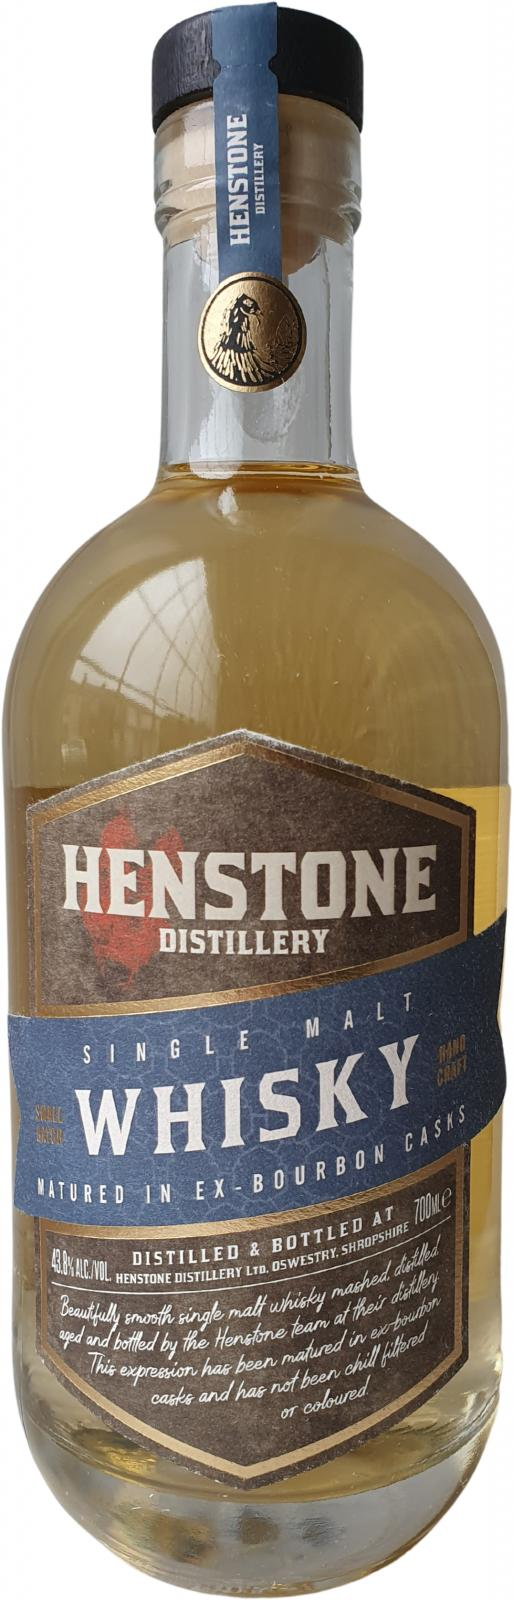 Henstone Distillery 2018